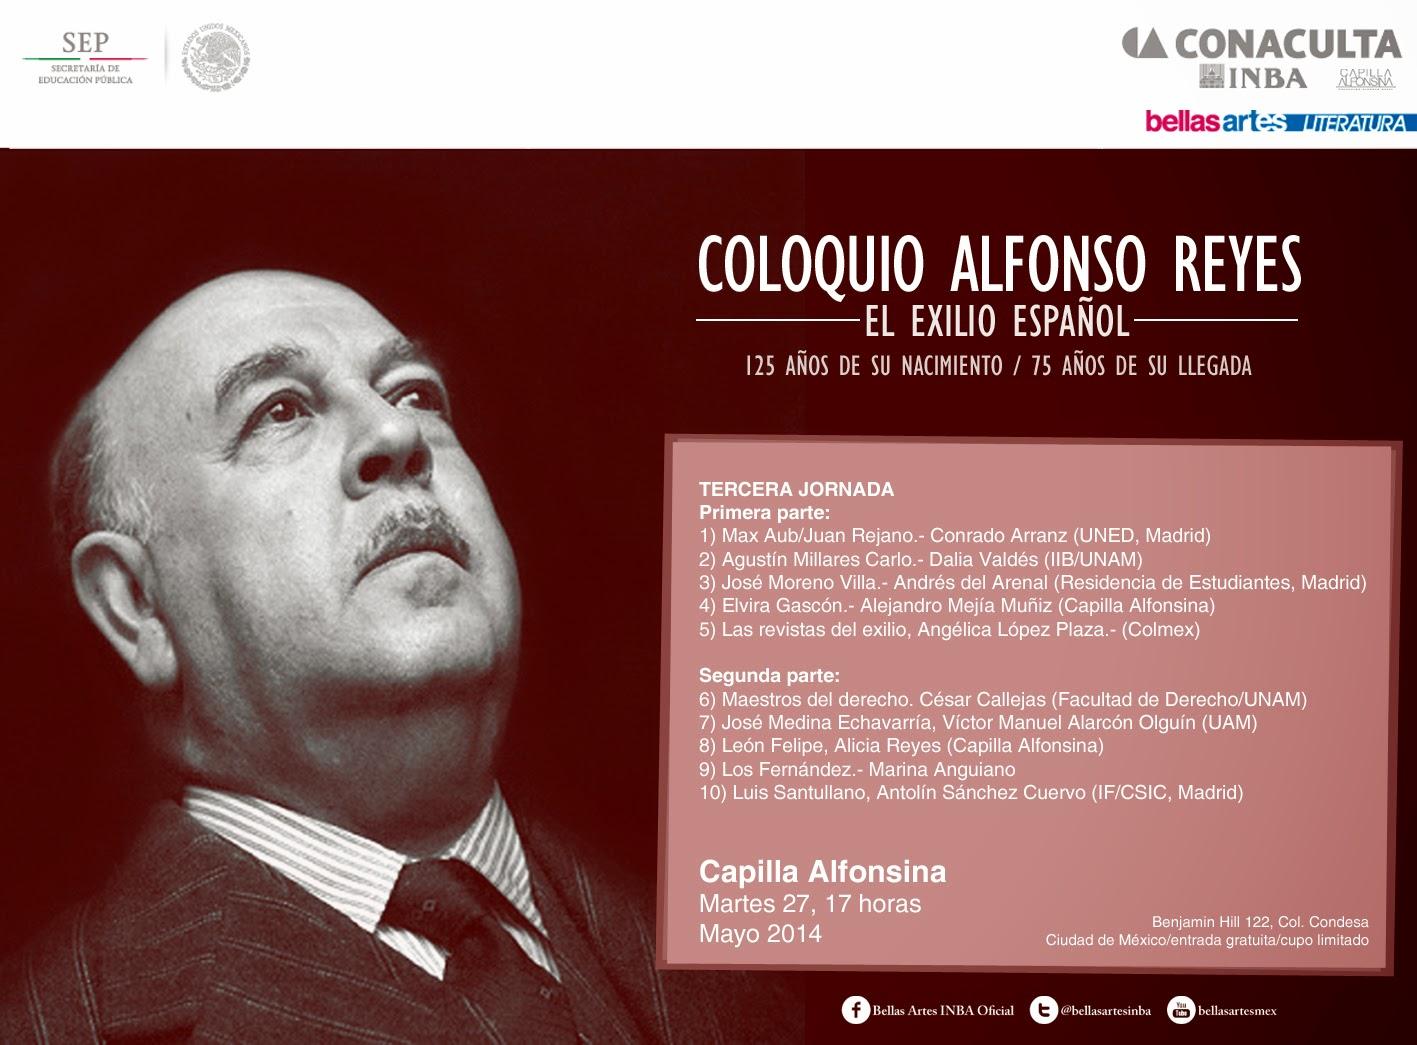 Coloquio Alfonso Reyes y el exilio español 125 años de su nacimiento / 75 años de su llegada